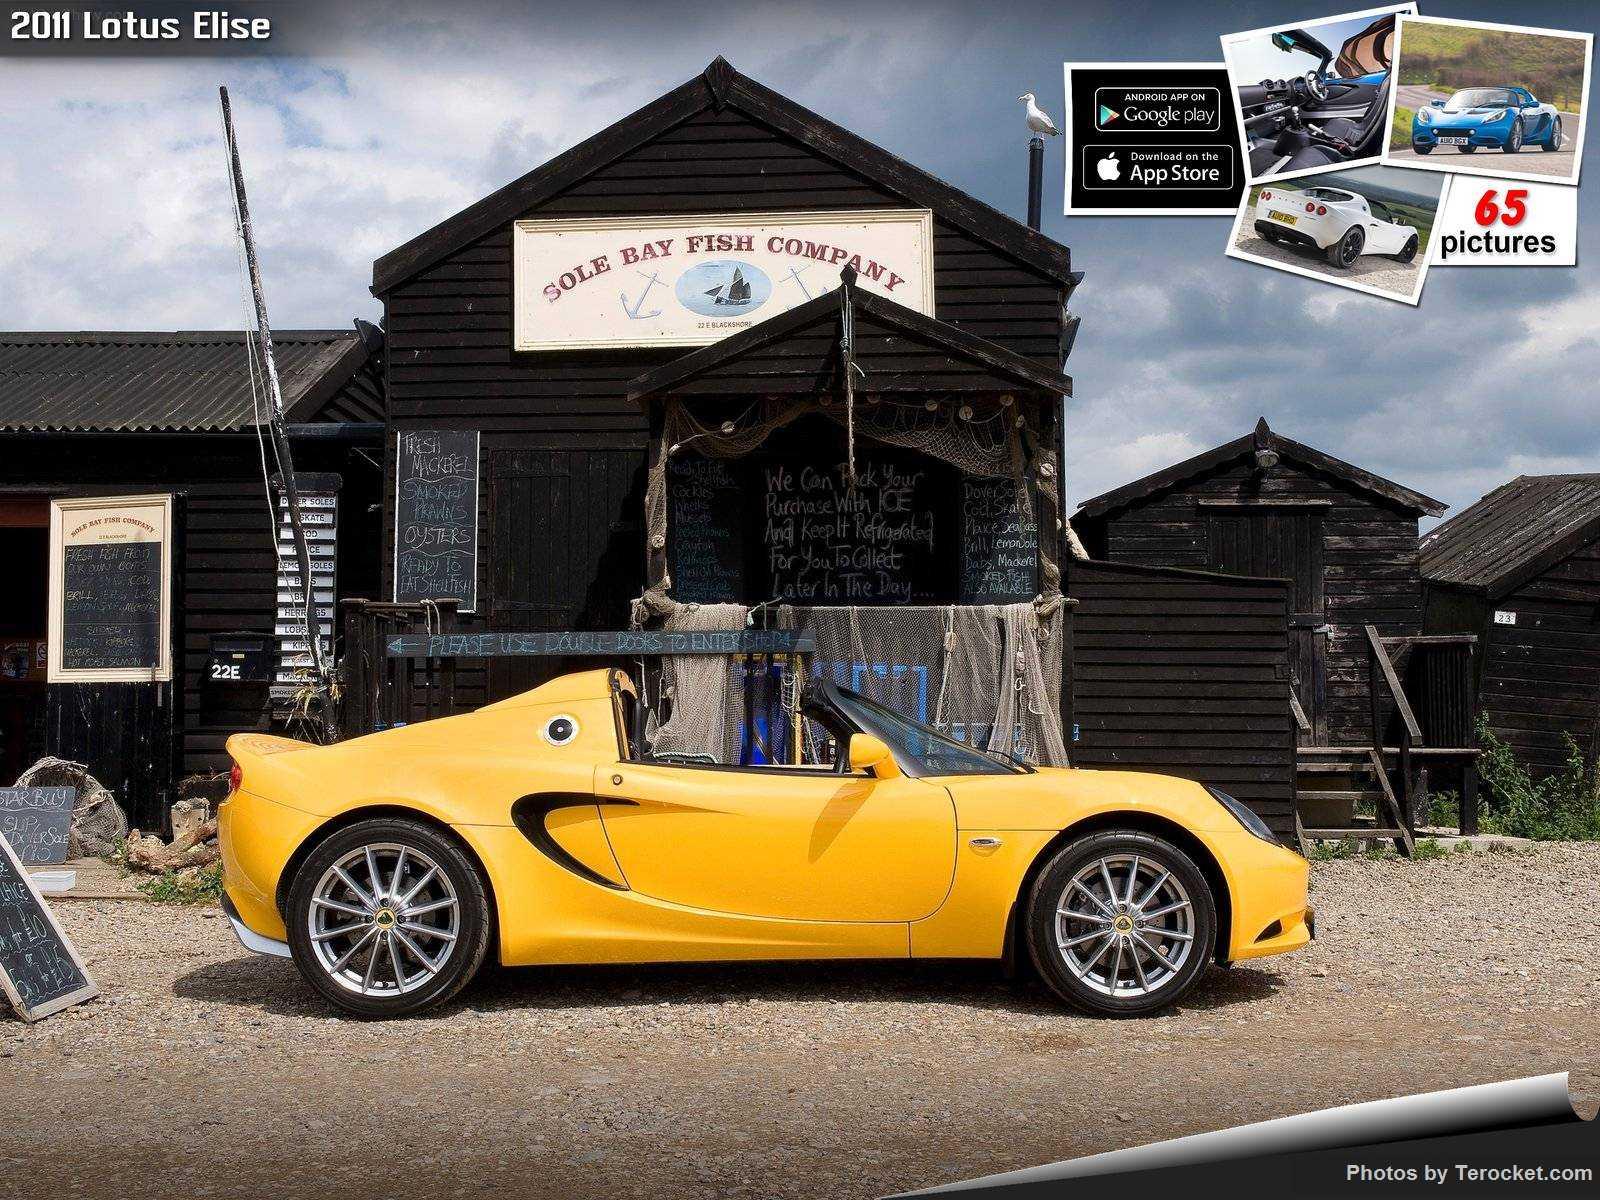 Hình ảnh siêu xe Lotus Elise 2011 & nội ngoại thất